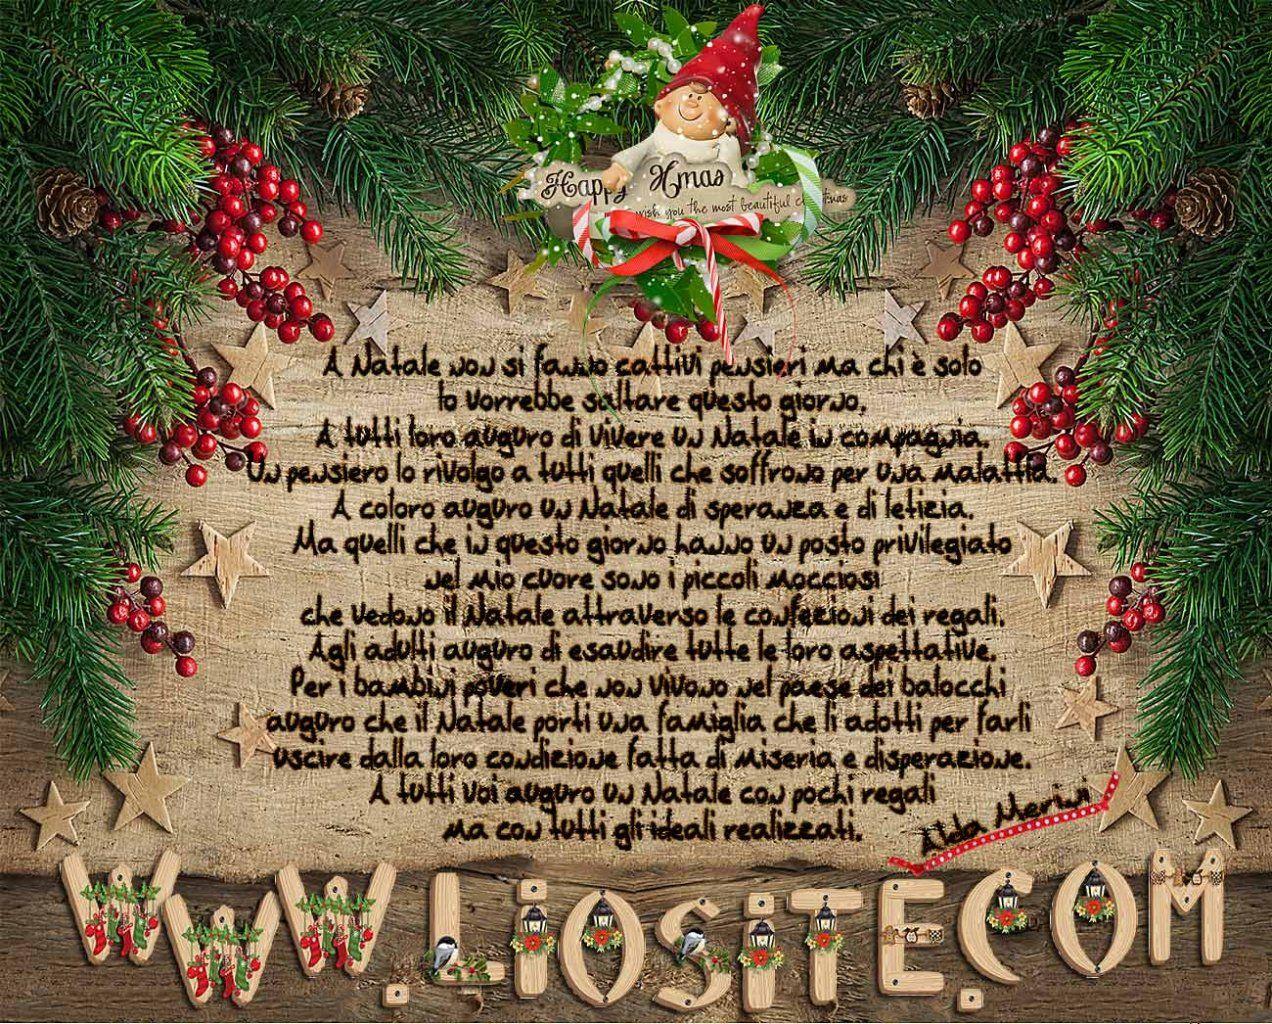 Come Fare Auguri Di Natale.Perle Da Condividere Citazioni Natale Auguri Natale E